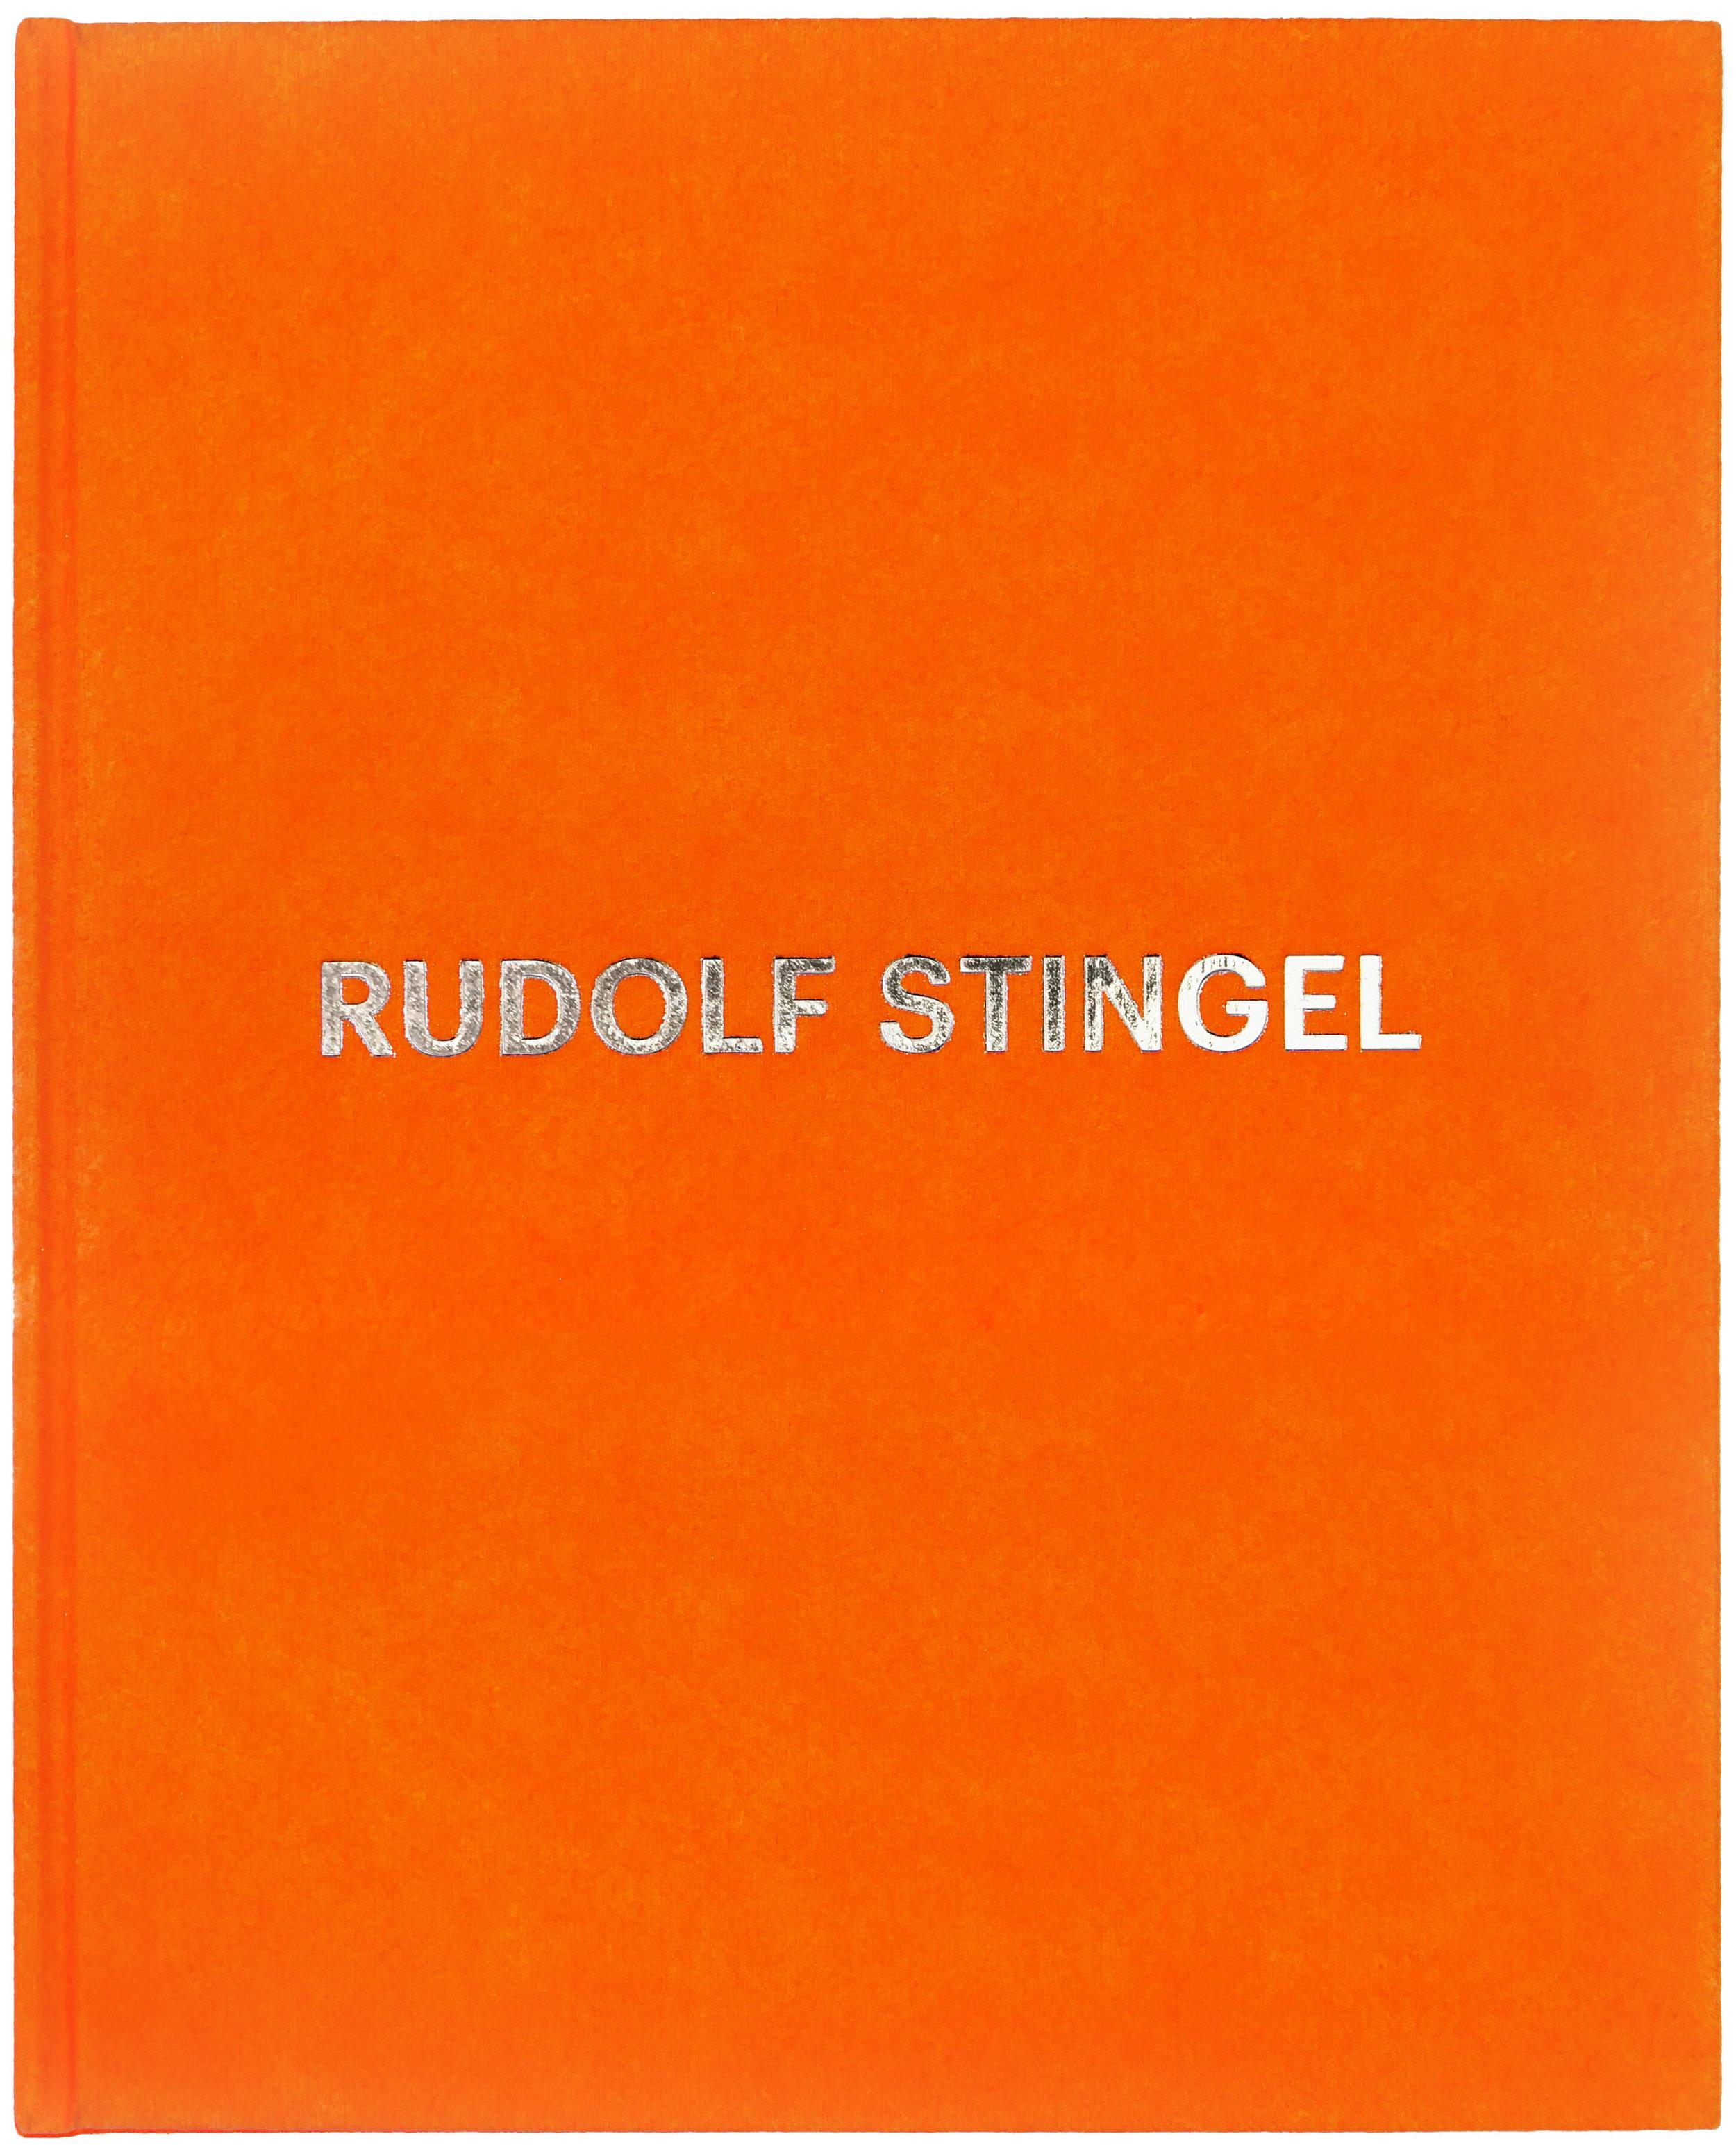 RudolfStingel_cover.jpg